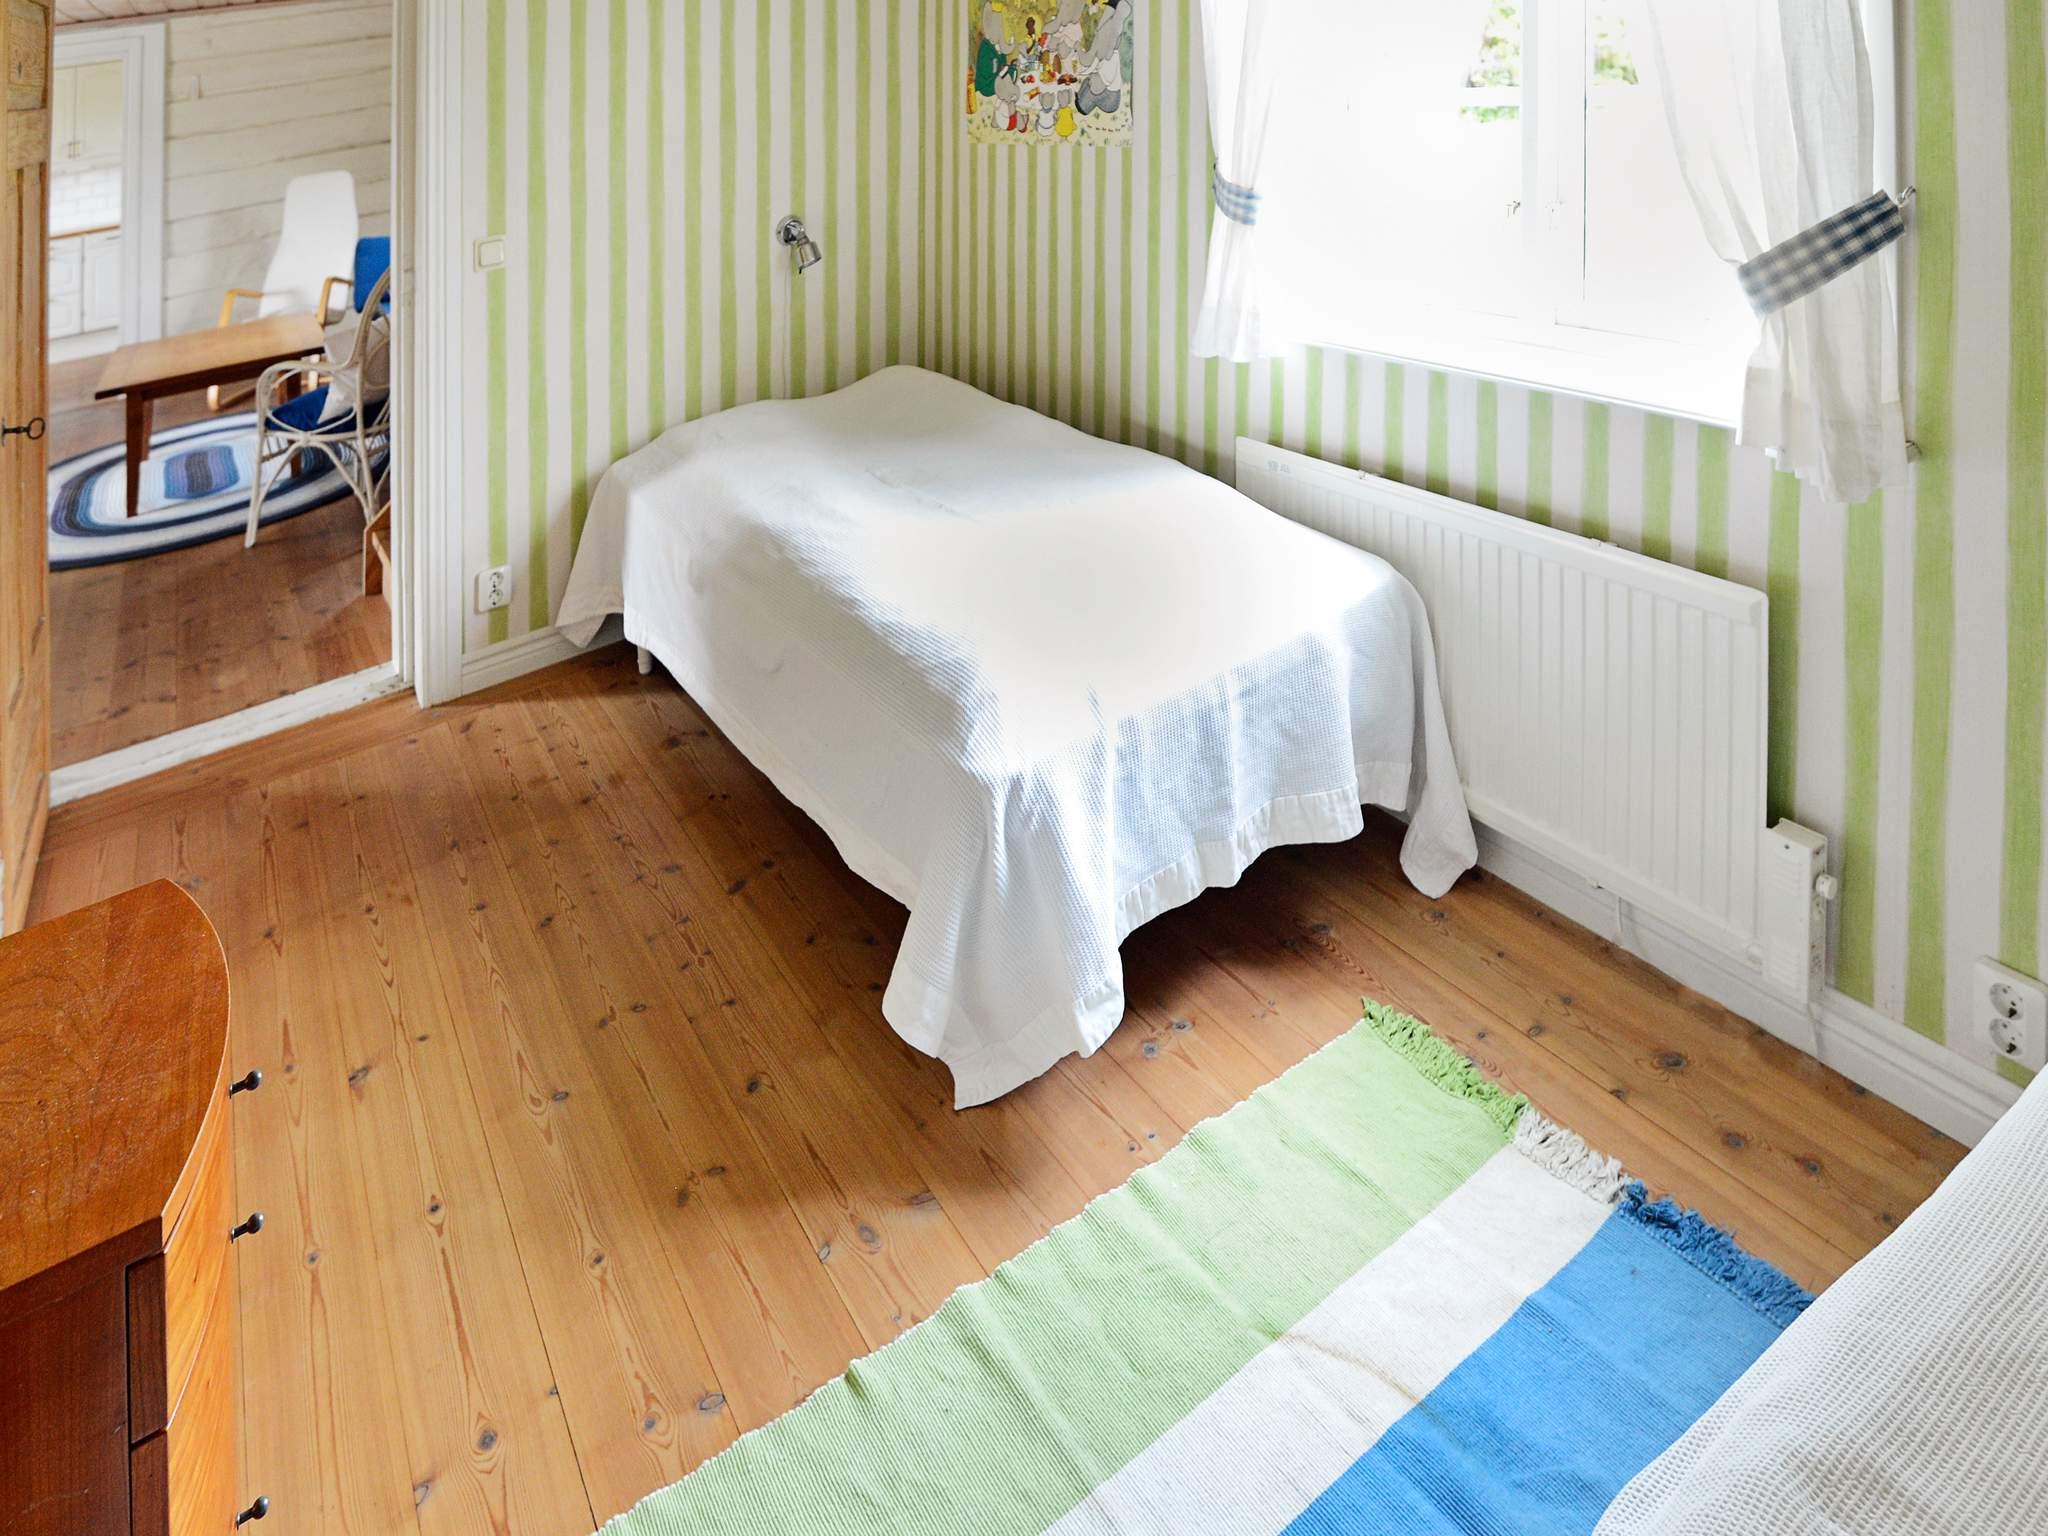 Ferienhaus Strängnäs (93280), Strängnäs, Södermanlands län, Mittelschweden, Schweden, Bild 8